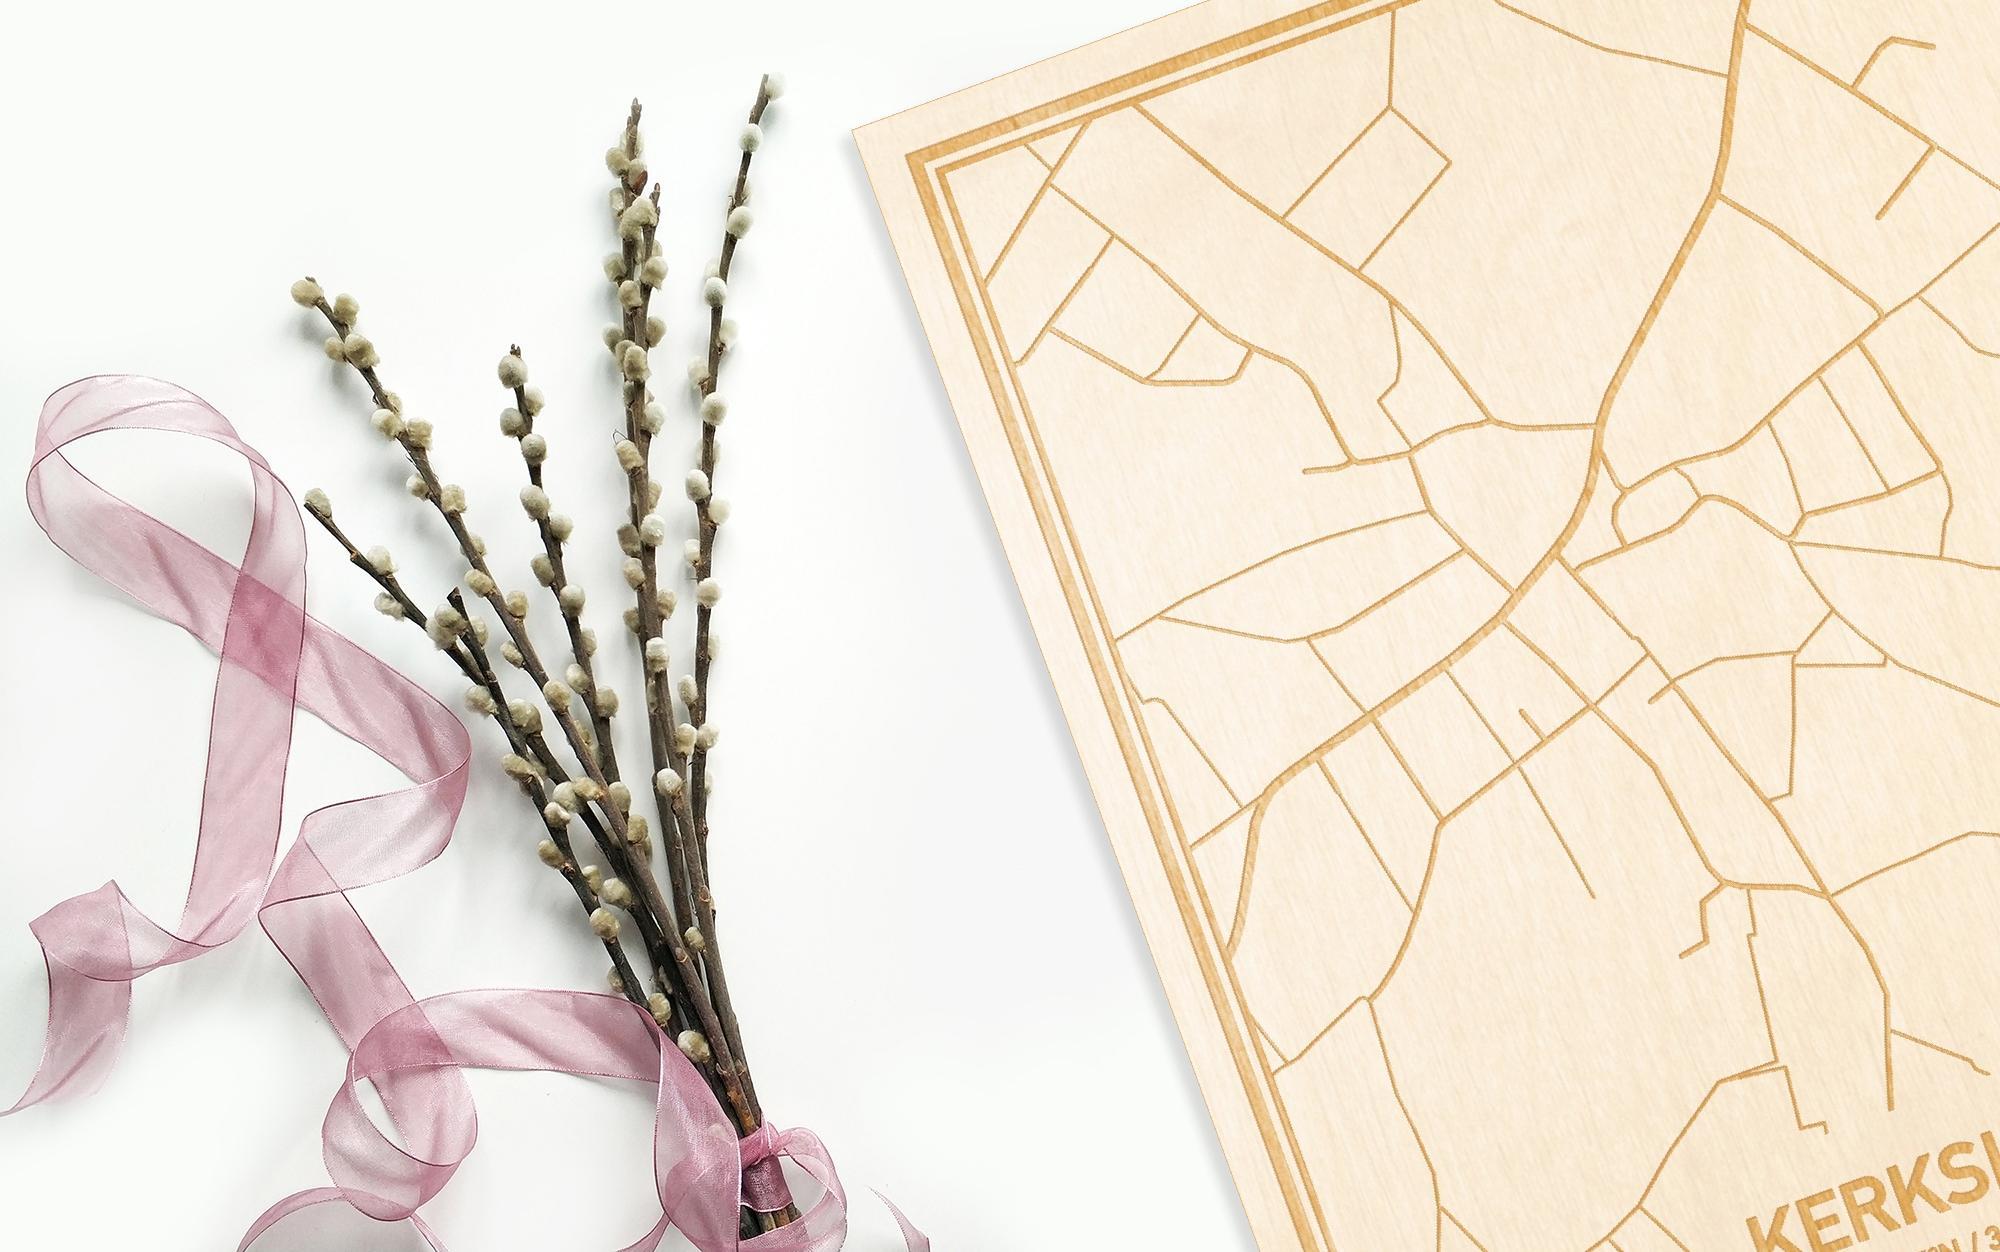 Hier ligt de houten plattegrond Kerksken naast een bloemetje als gepersonaliseerd cadeau voor haar.